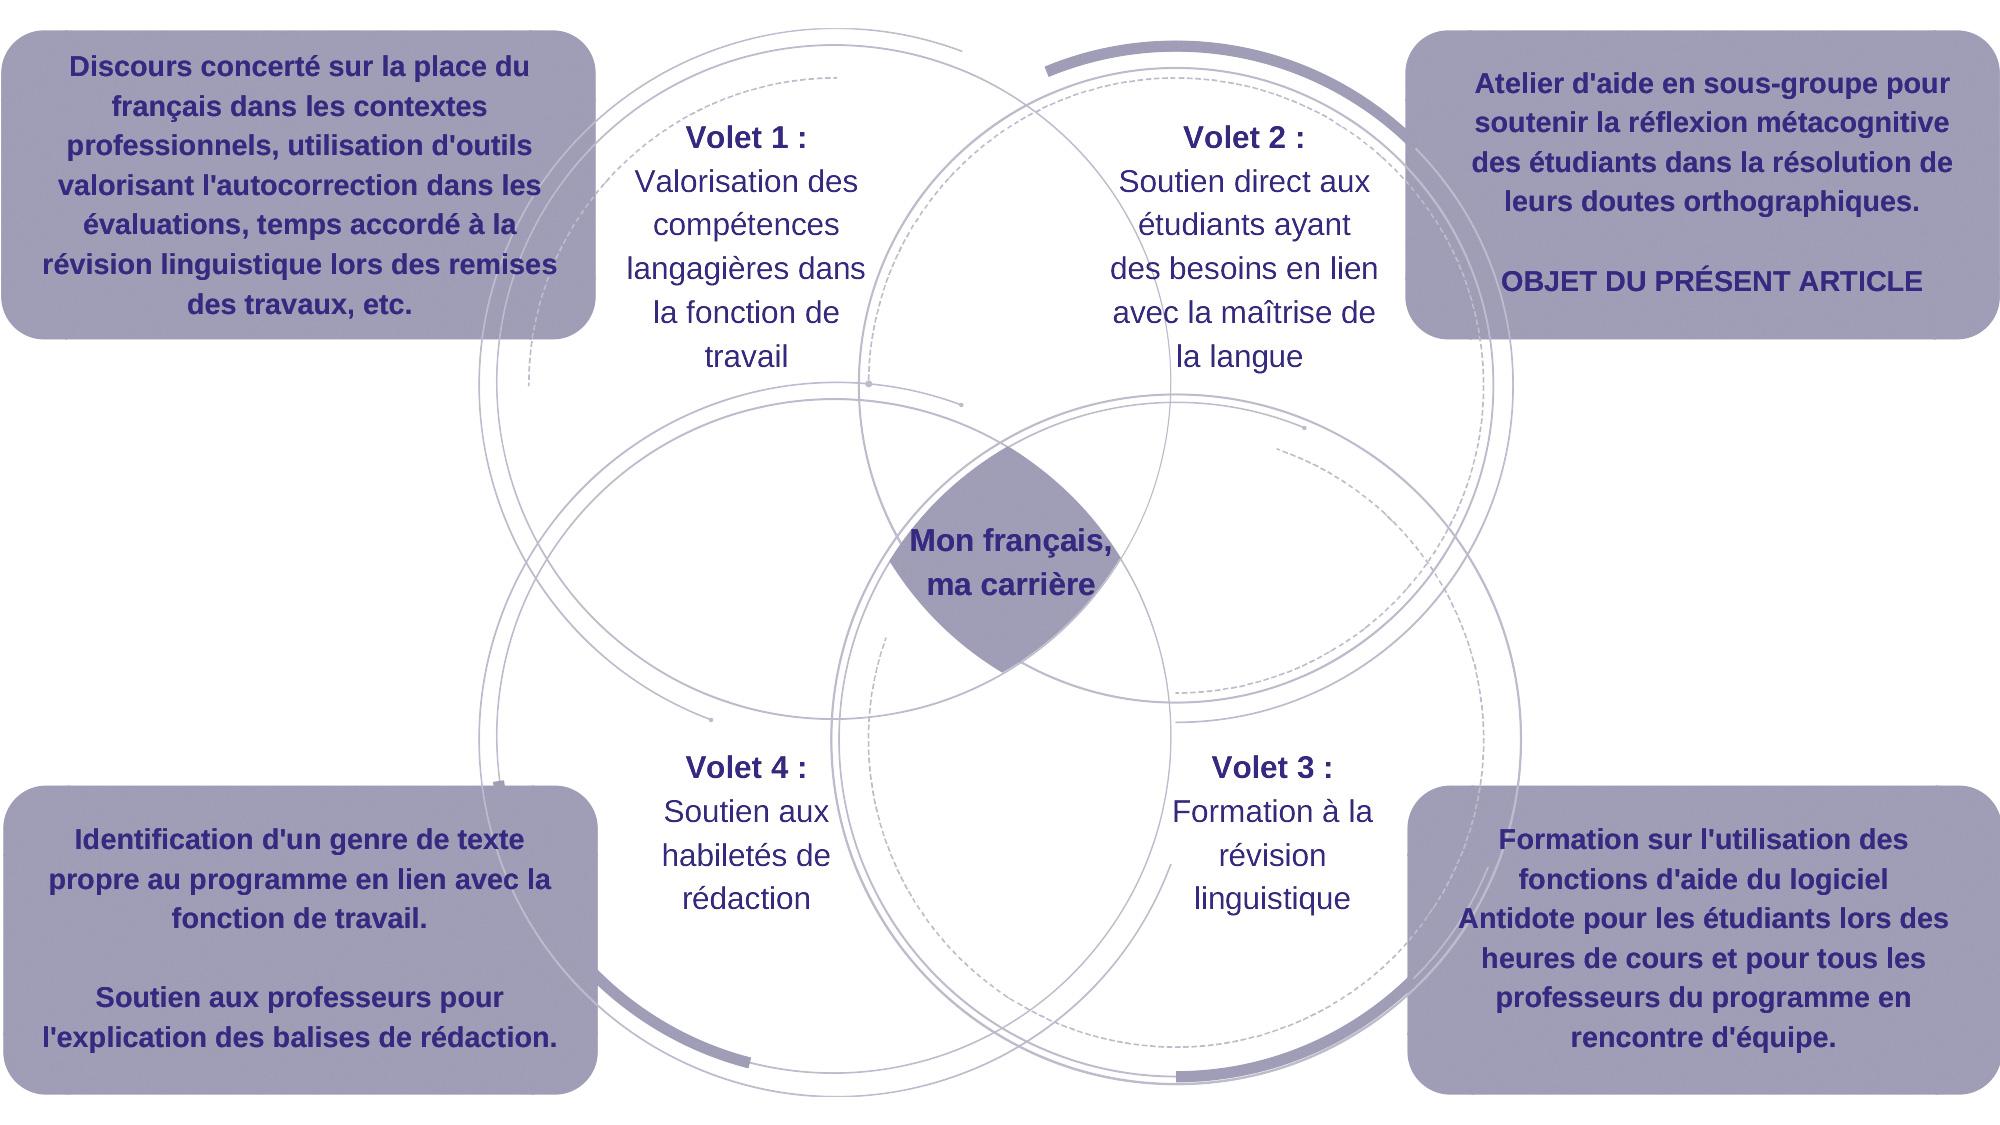 Figure 1 : Les quatre volets du projet «Mon français, ma carrière»